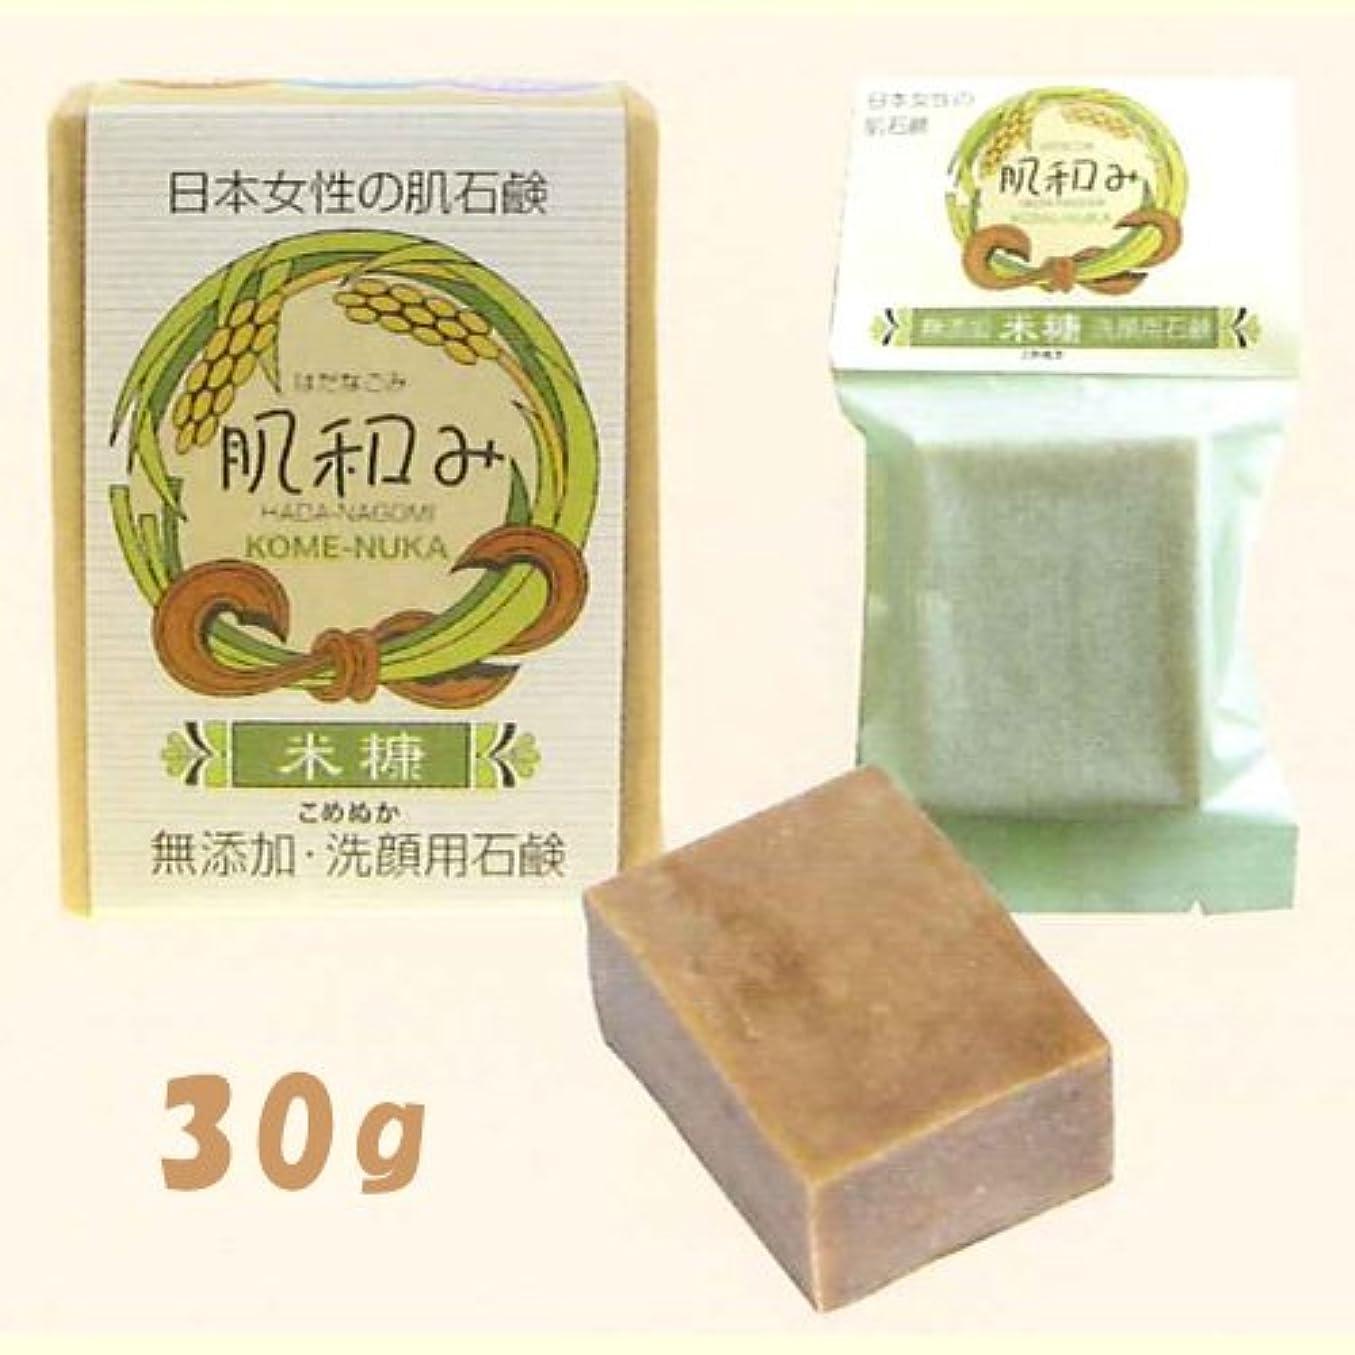 仕立て屋歩く競う米糠石鹸 肌和み 無添加ソープ 30g